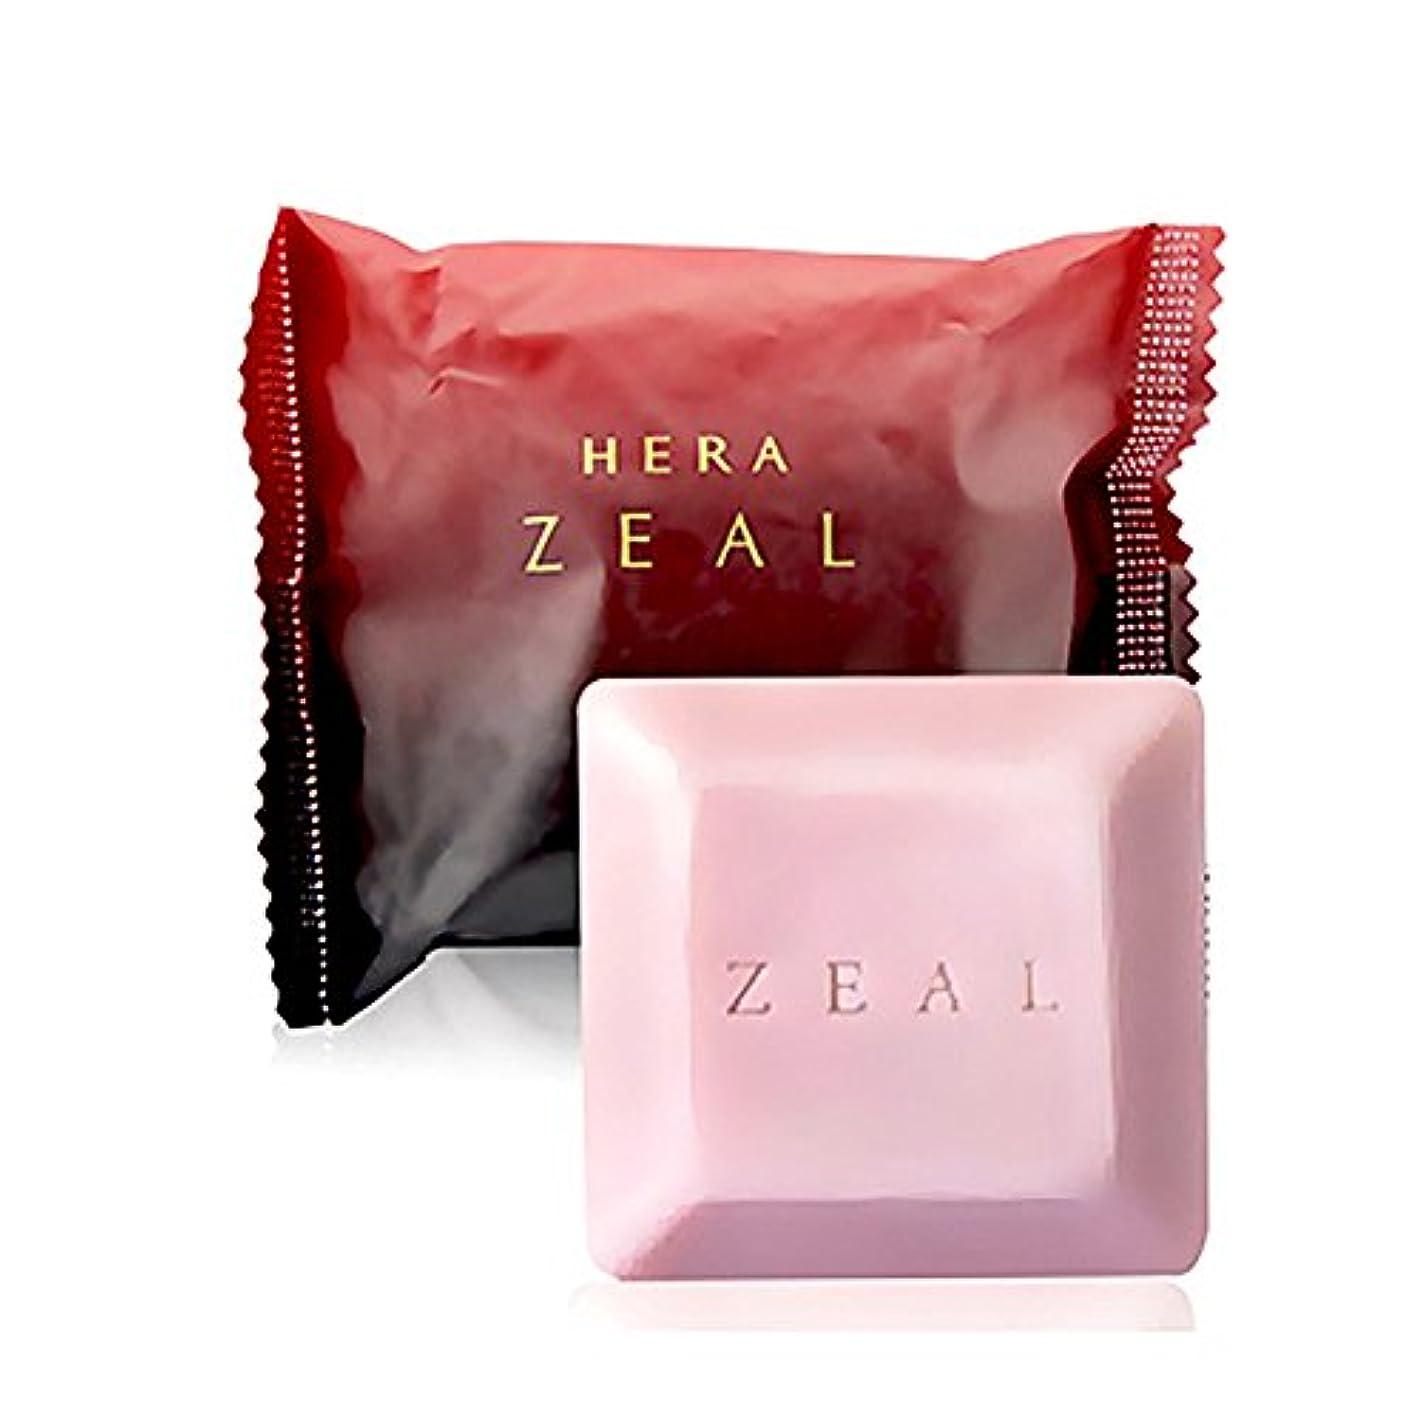 バースト滴下支配するHERA ZEAL 美容石鹸 60gソープ/Hera Zeal Organic Perfumed Soap